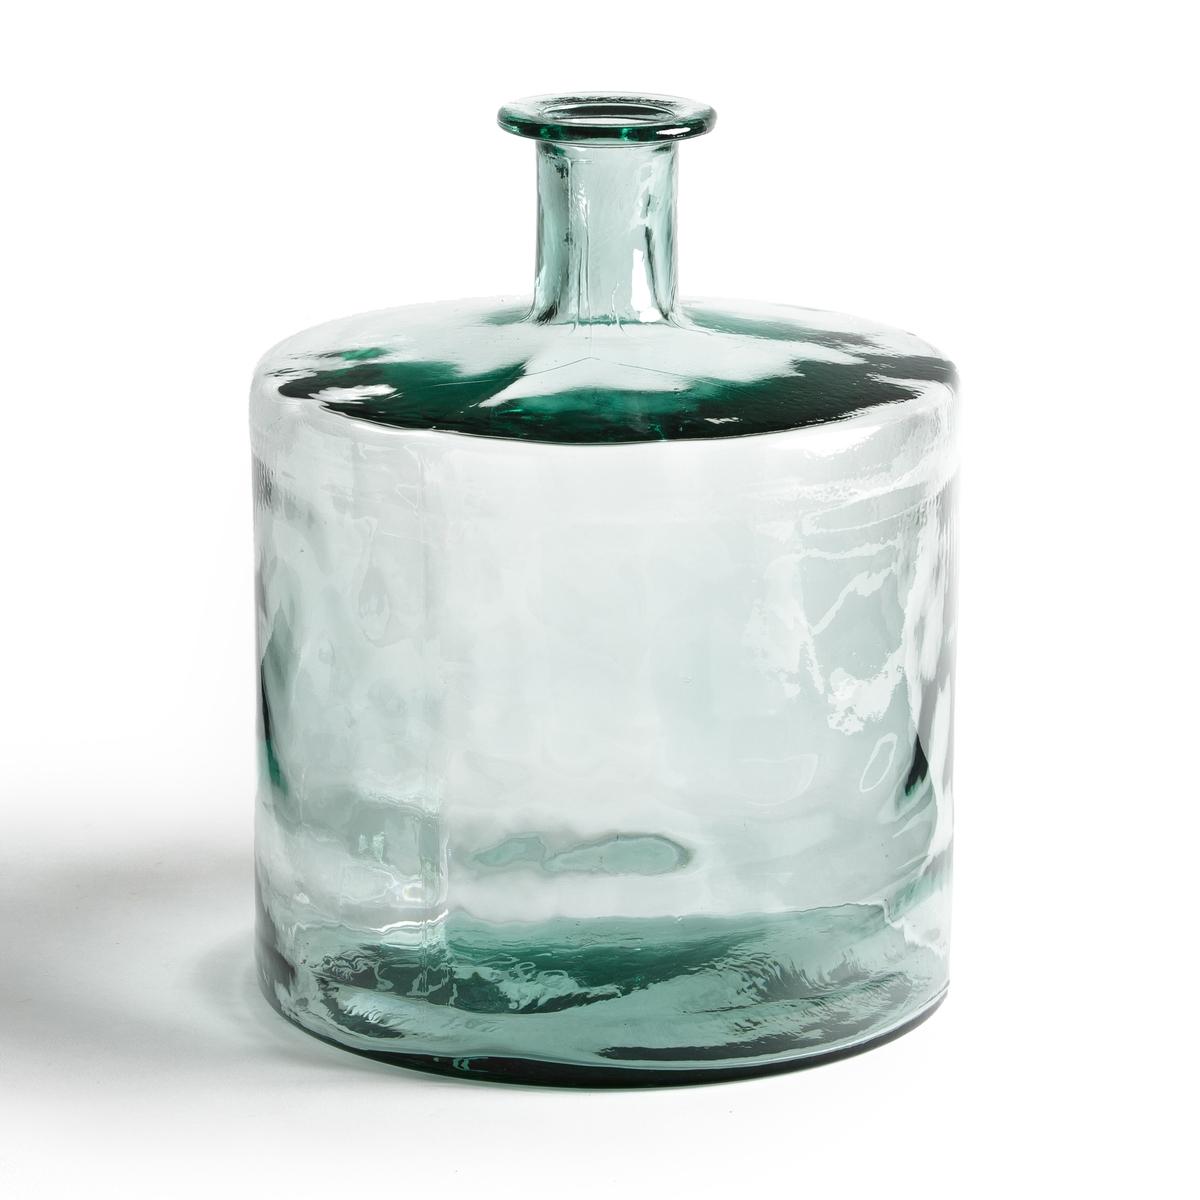 Ваза-бутыль, IZOLIA александр дюма граф монте кристо в 2 томах том 2 подарочное издание isbn 978 5 699 66478 8